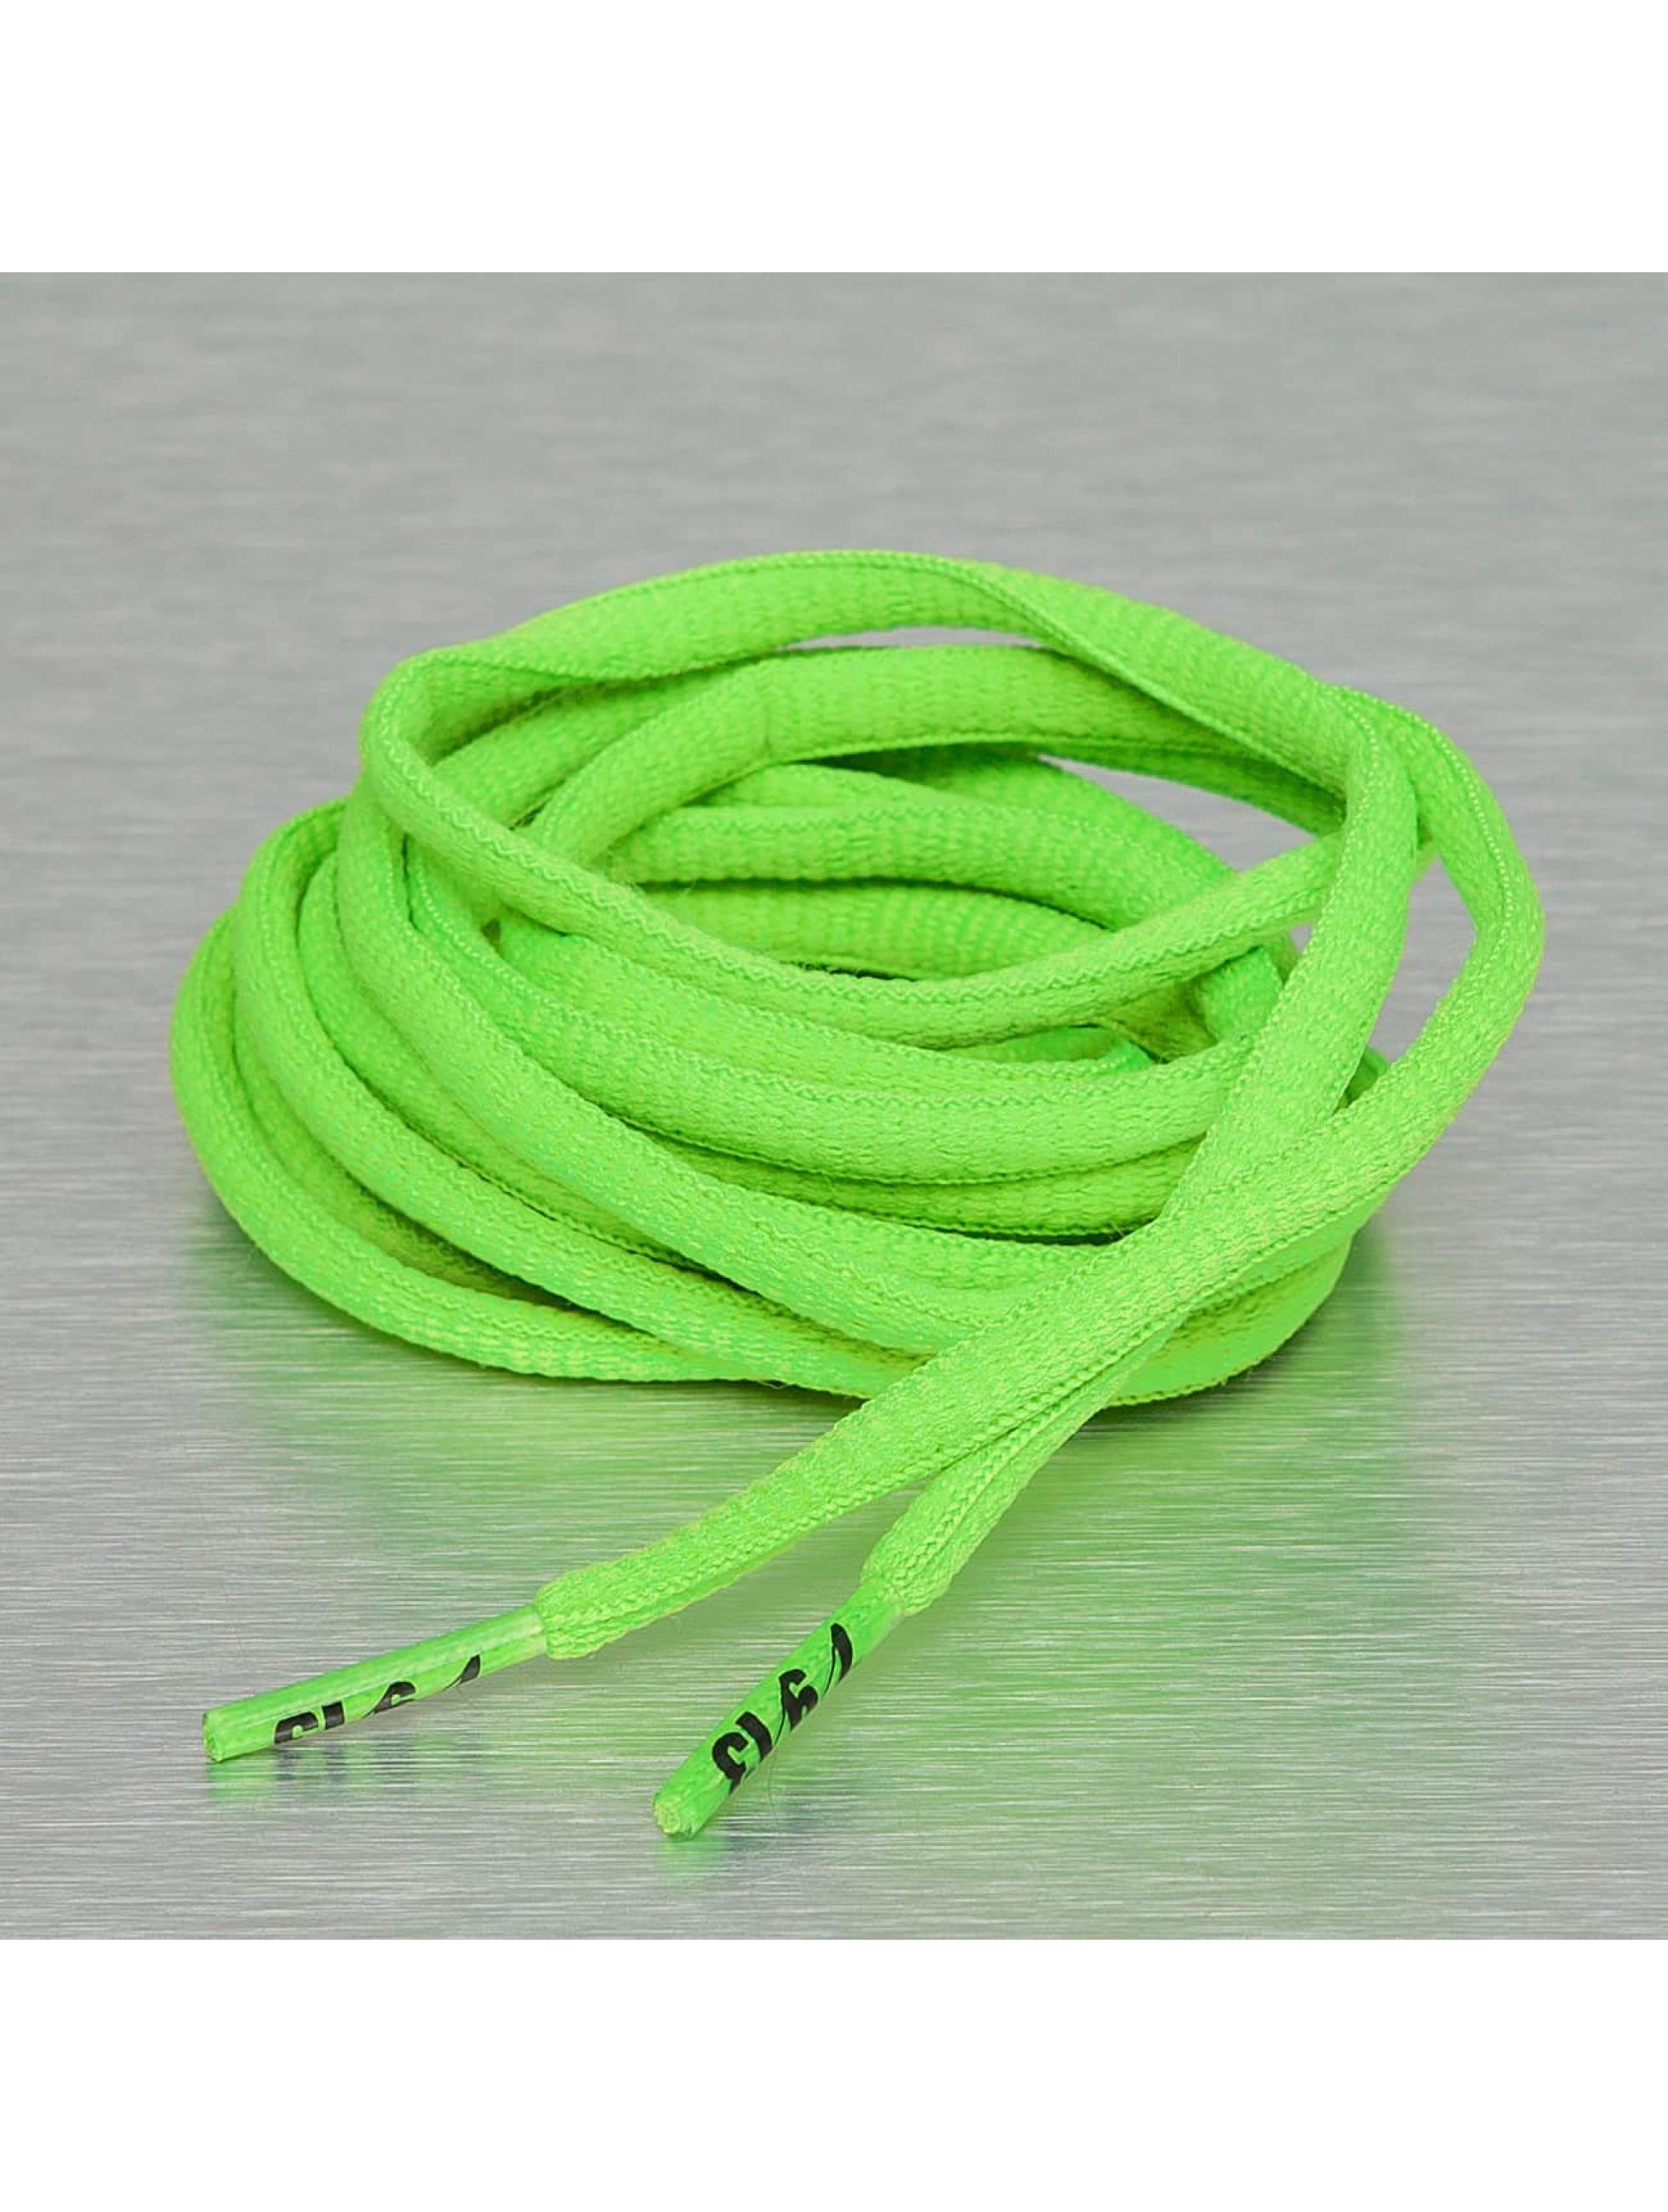 Schuhzubehör Hard Candy Round in grün